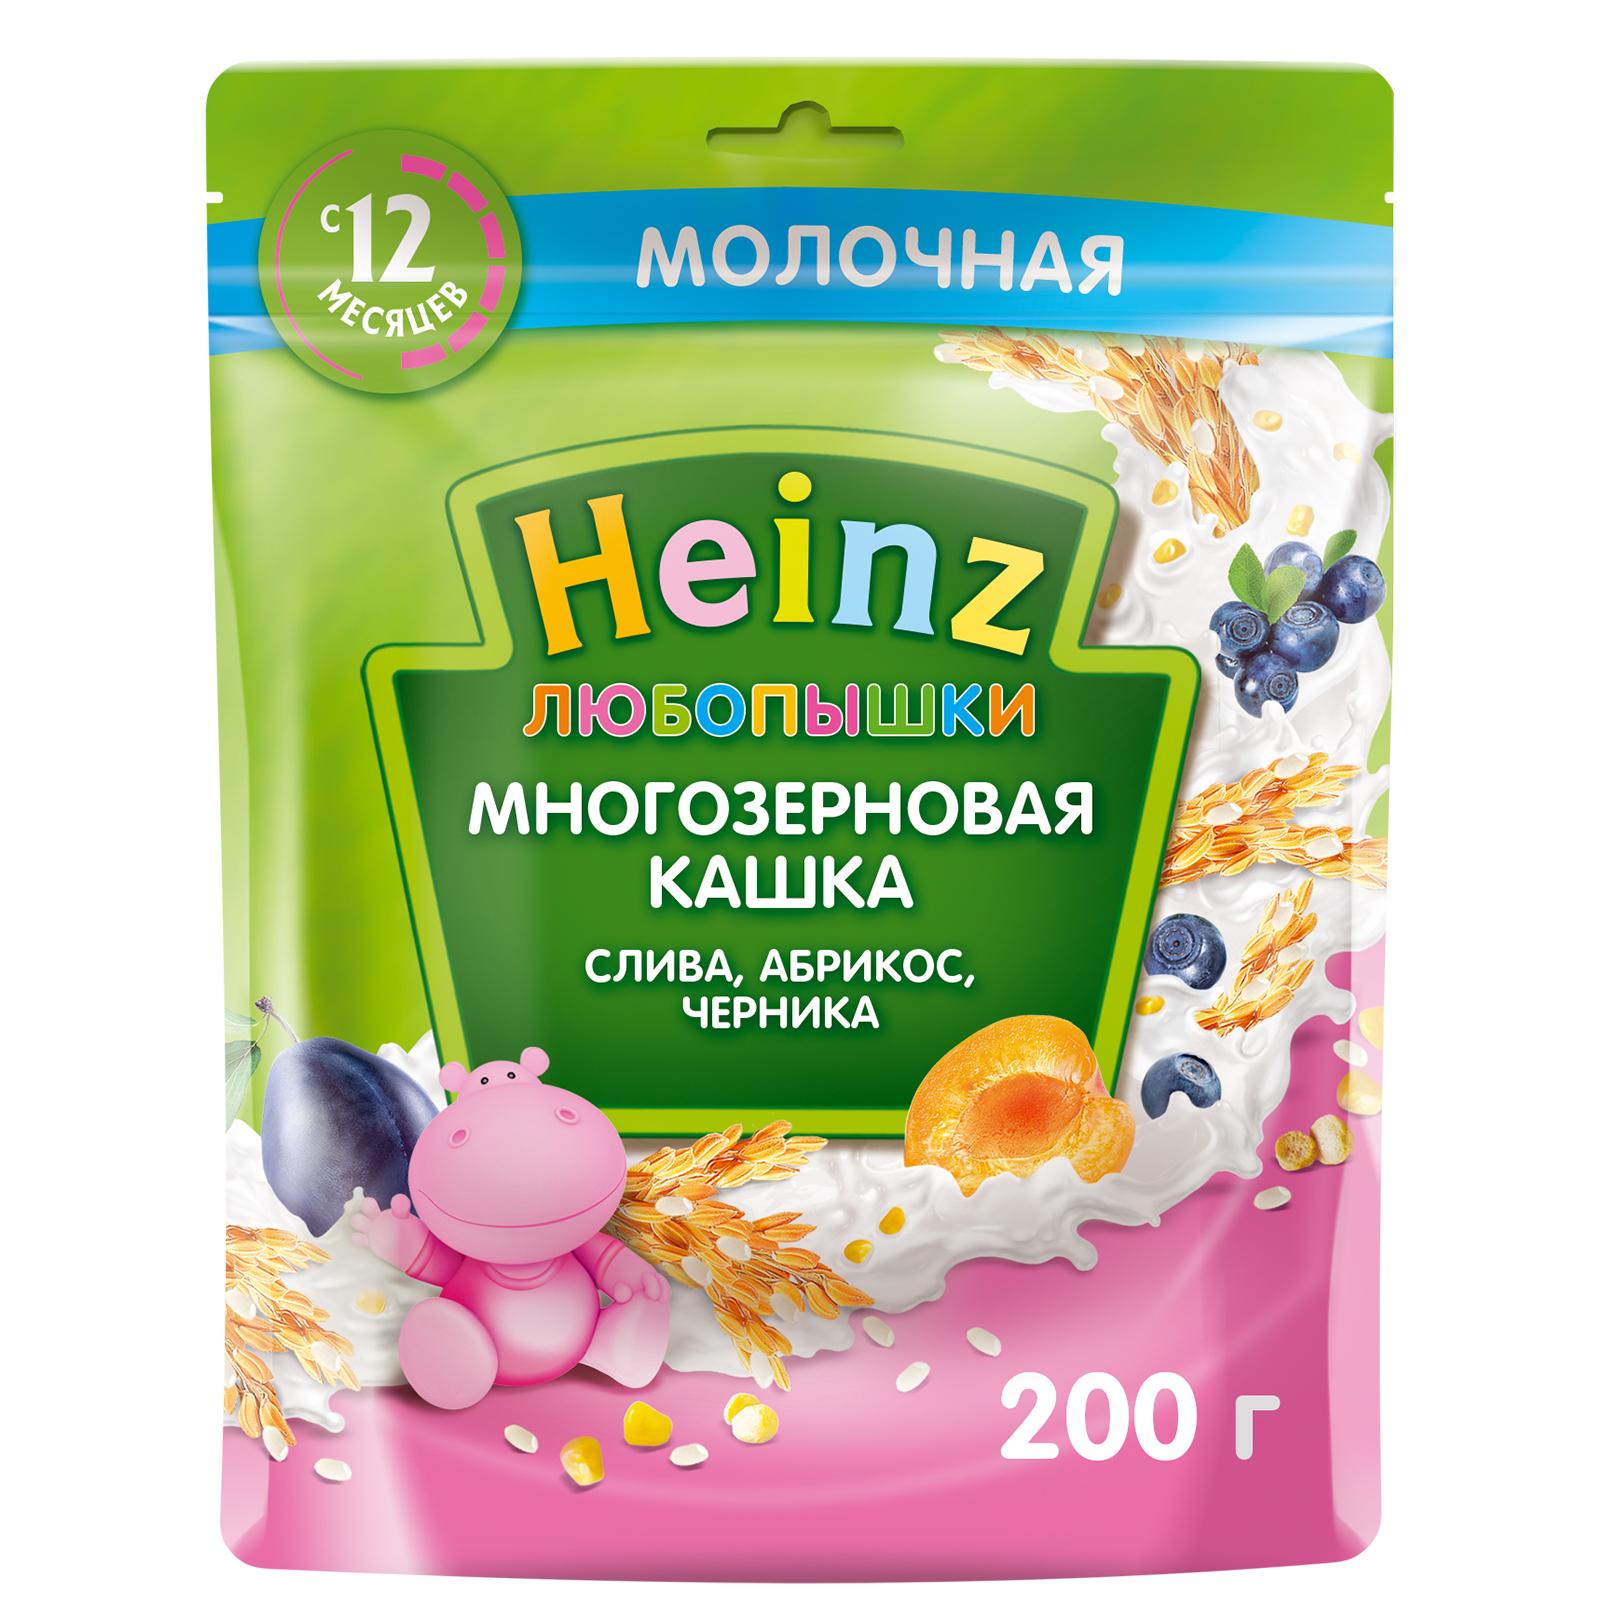 Каша молочная Heinz многозерновая слива-абрикос-черника с 12-ти месяцев 200 г.